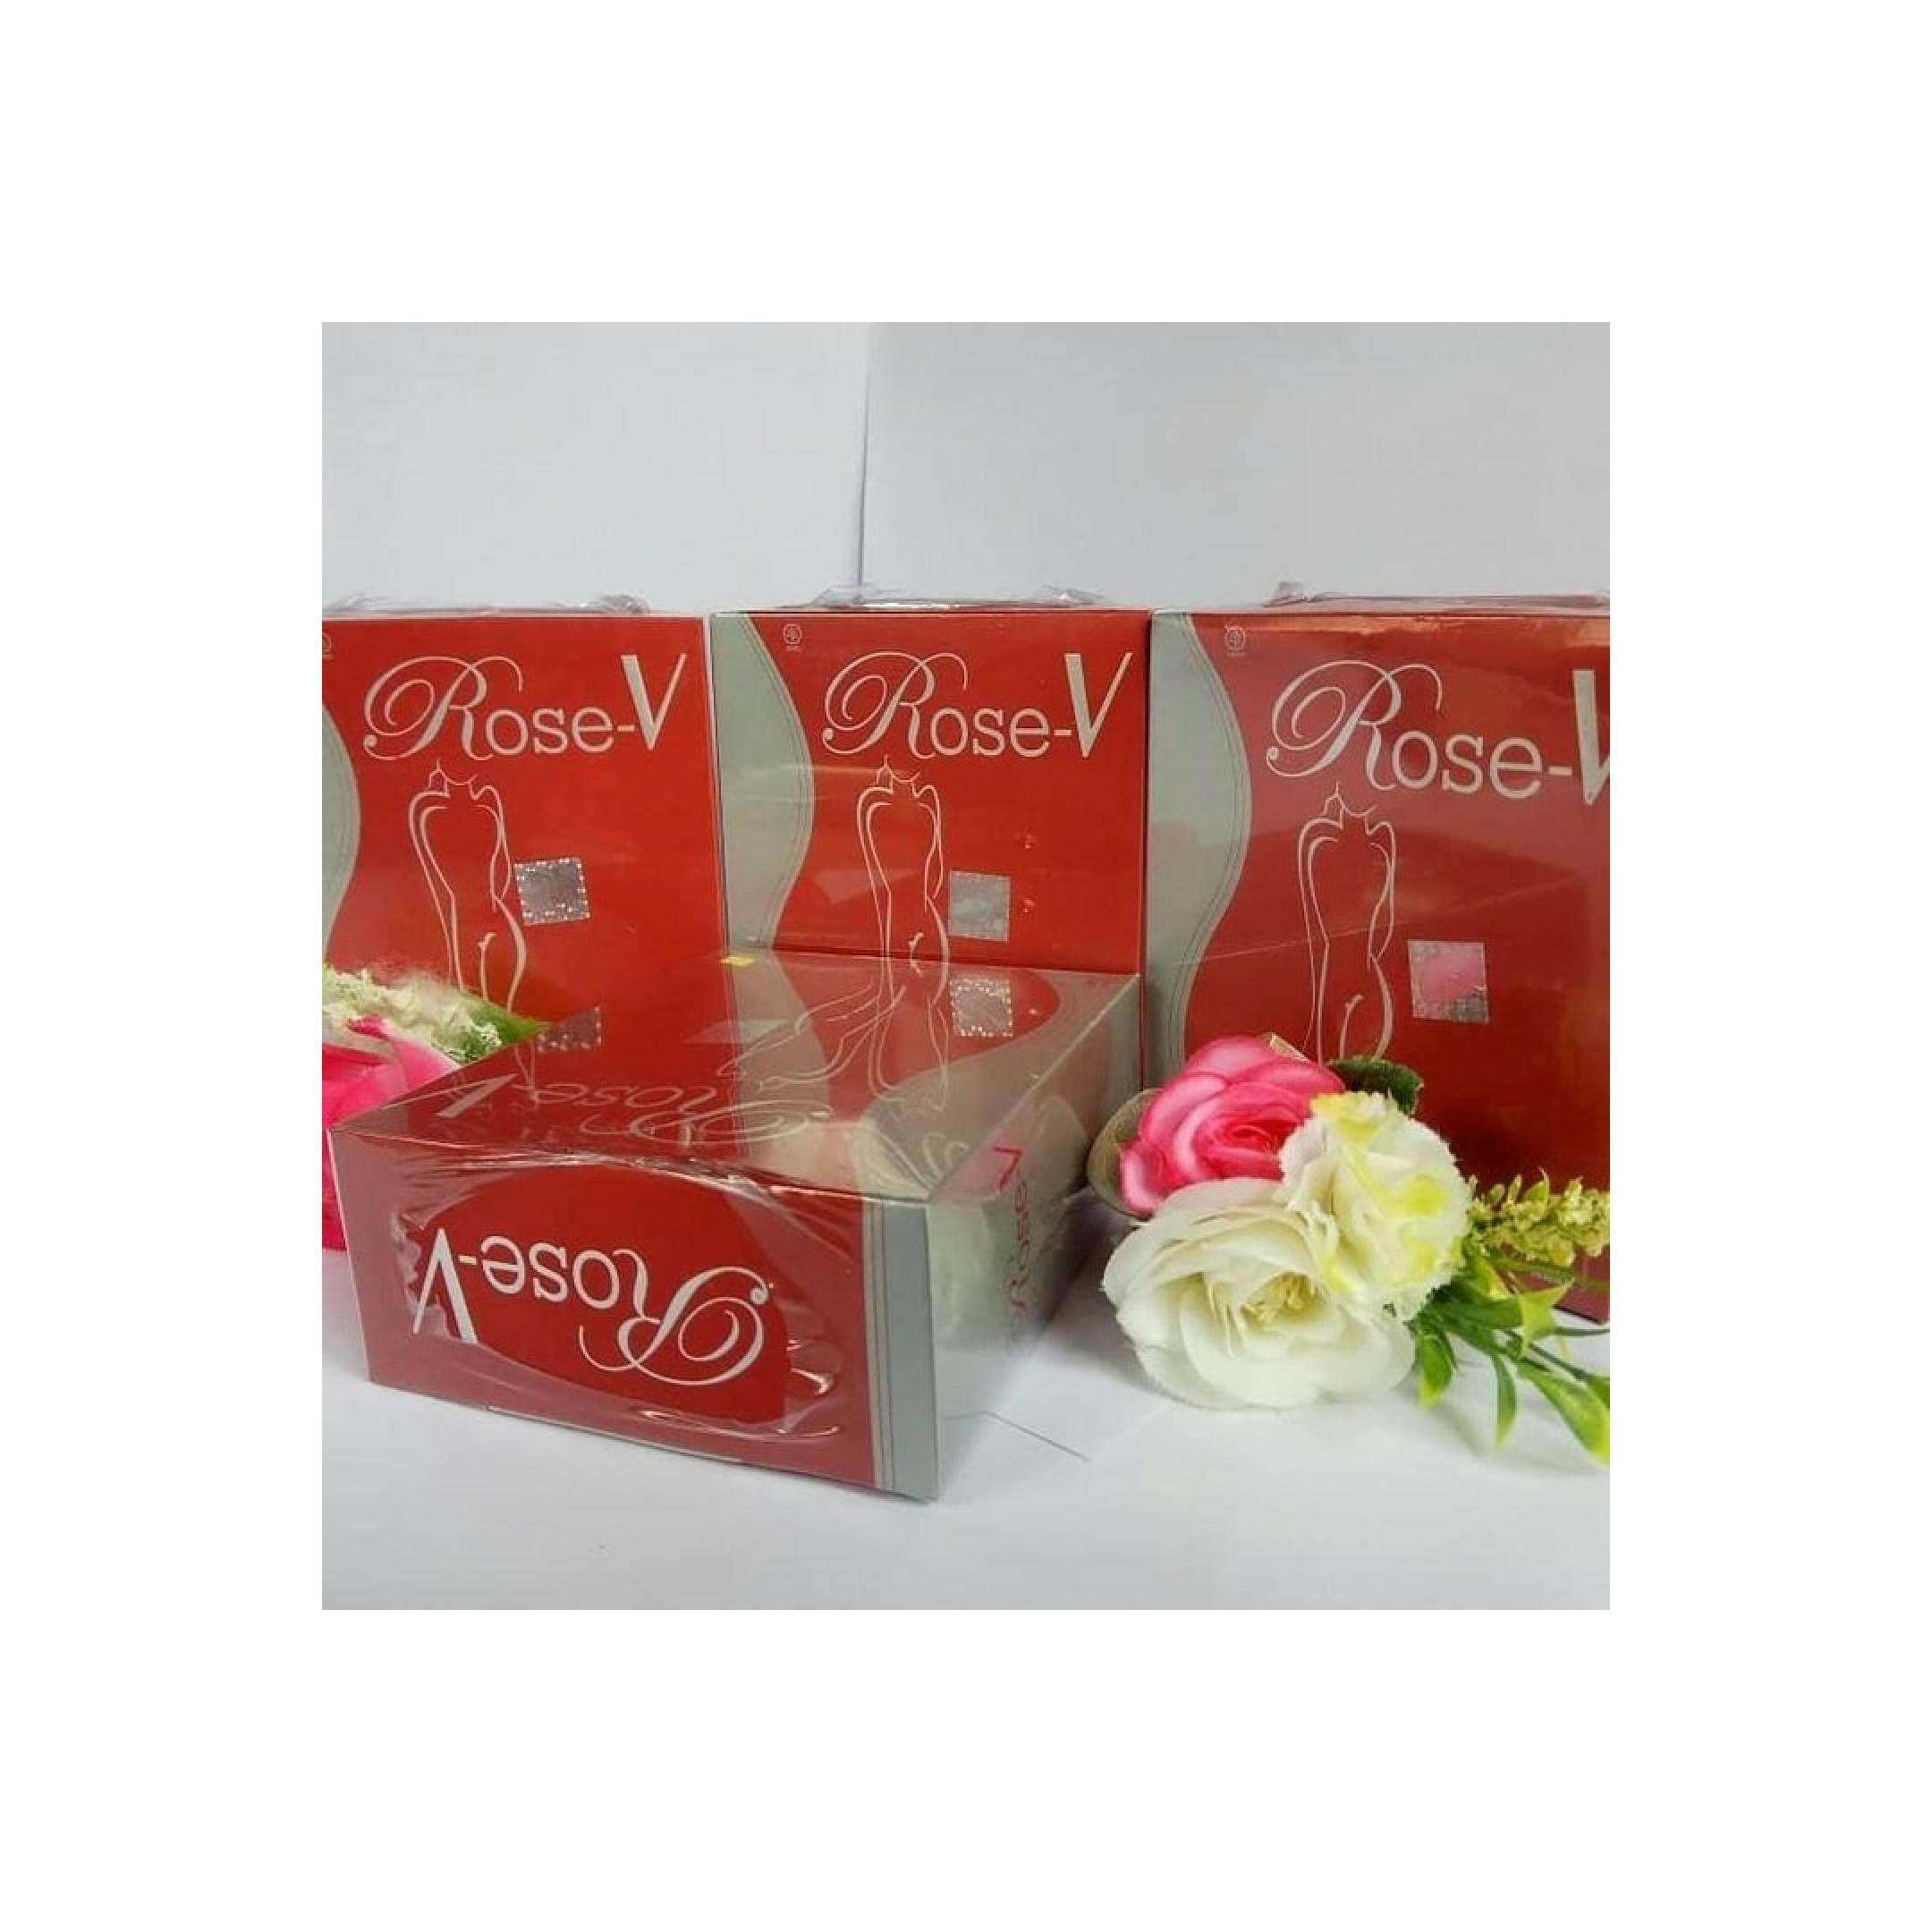 Rose V Nasa Menjaga Miss V/ Agen Nasa Jakarta 1